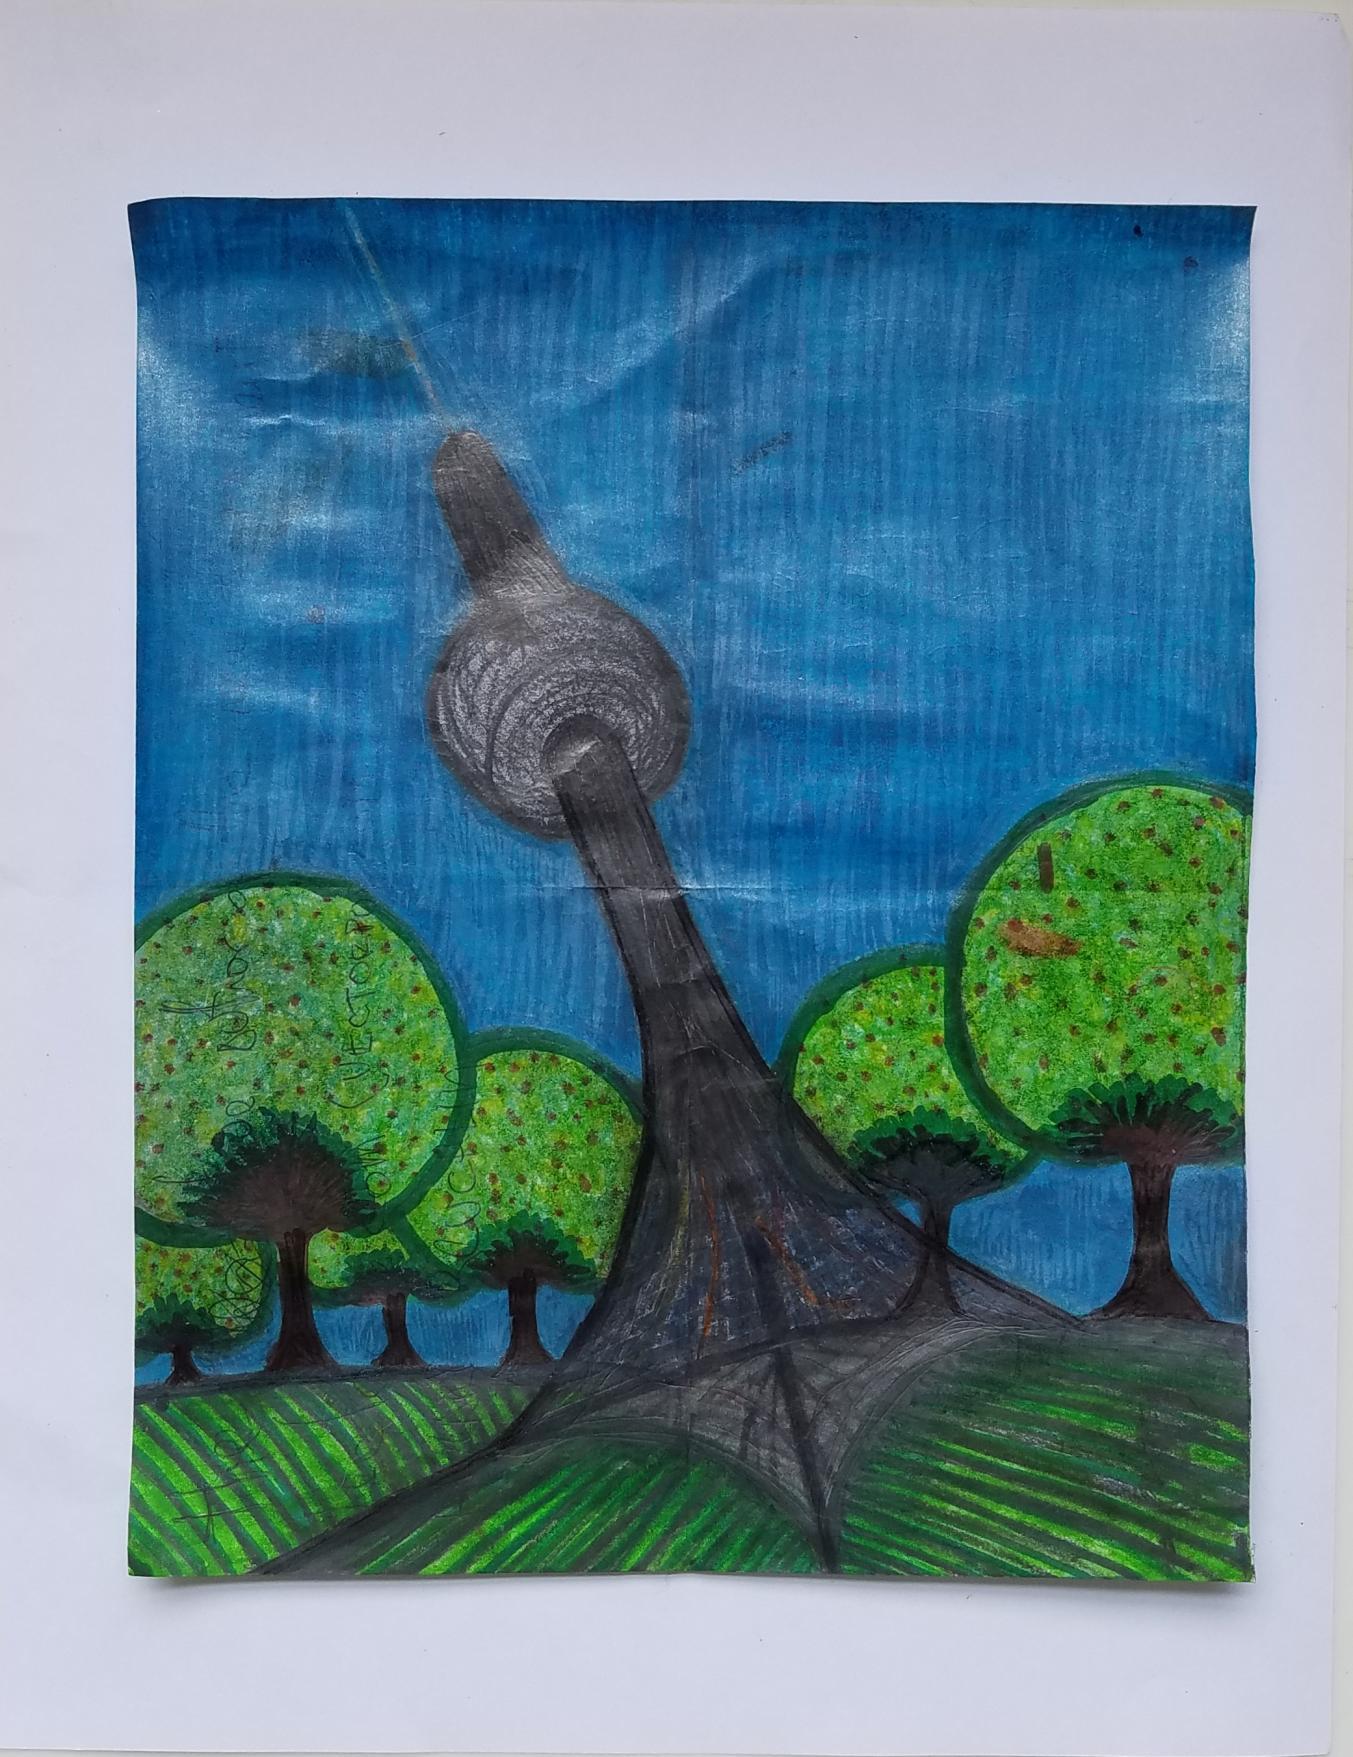 La torre de la bola